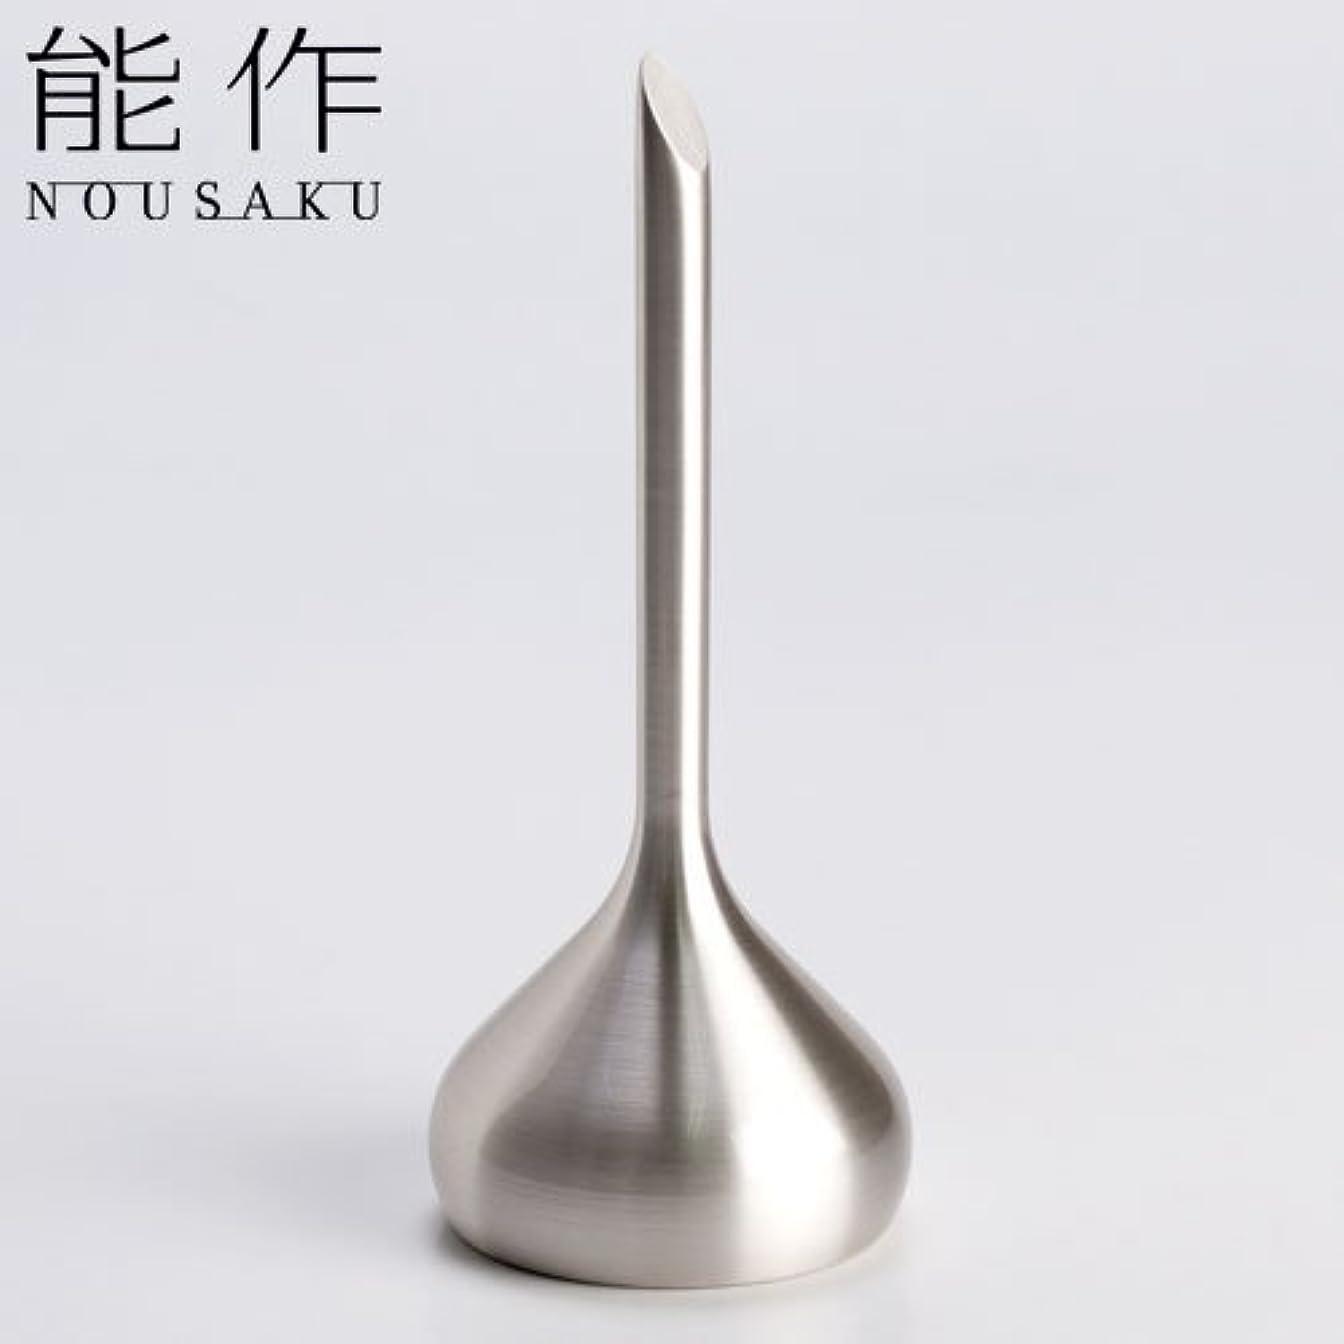 アルネライター想像する能作 ベル(呼び鈴)オニオンシルバー能作真鍮製のインテリア?ホームアクセサリー卓上ベル